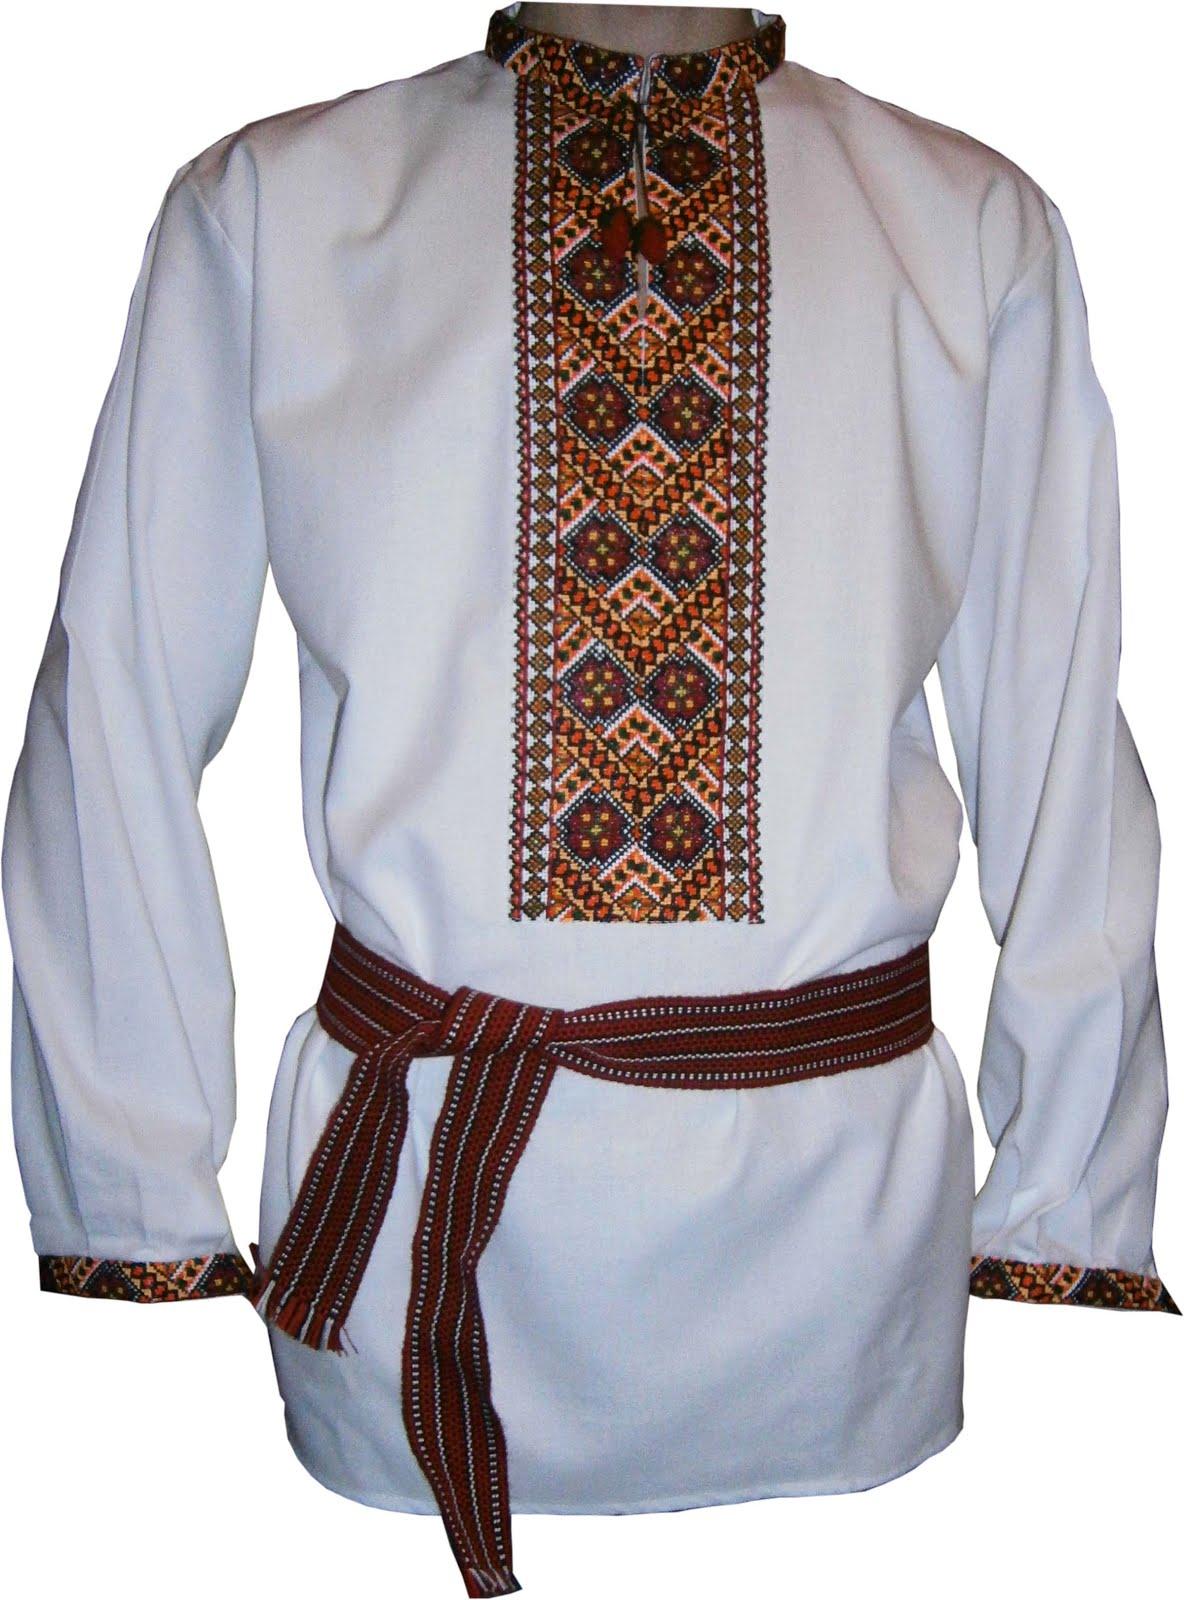 Вишиванка - Інтернет-магазин вишиванок  Вишиванка - хіт продажів! e673b2a49b947